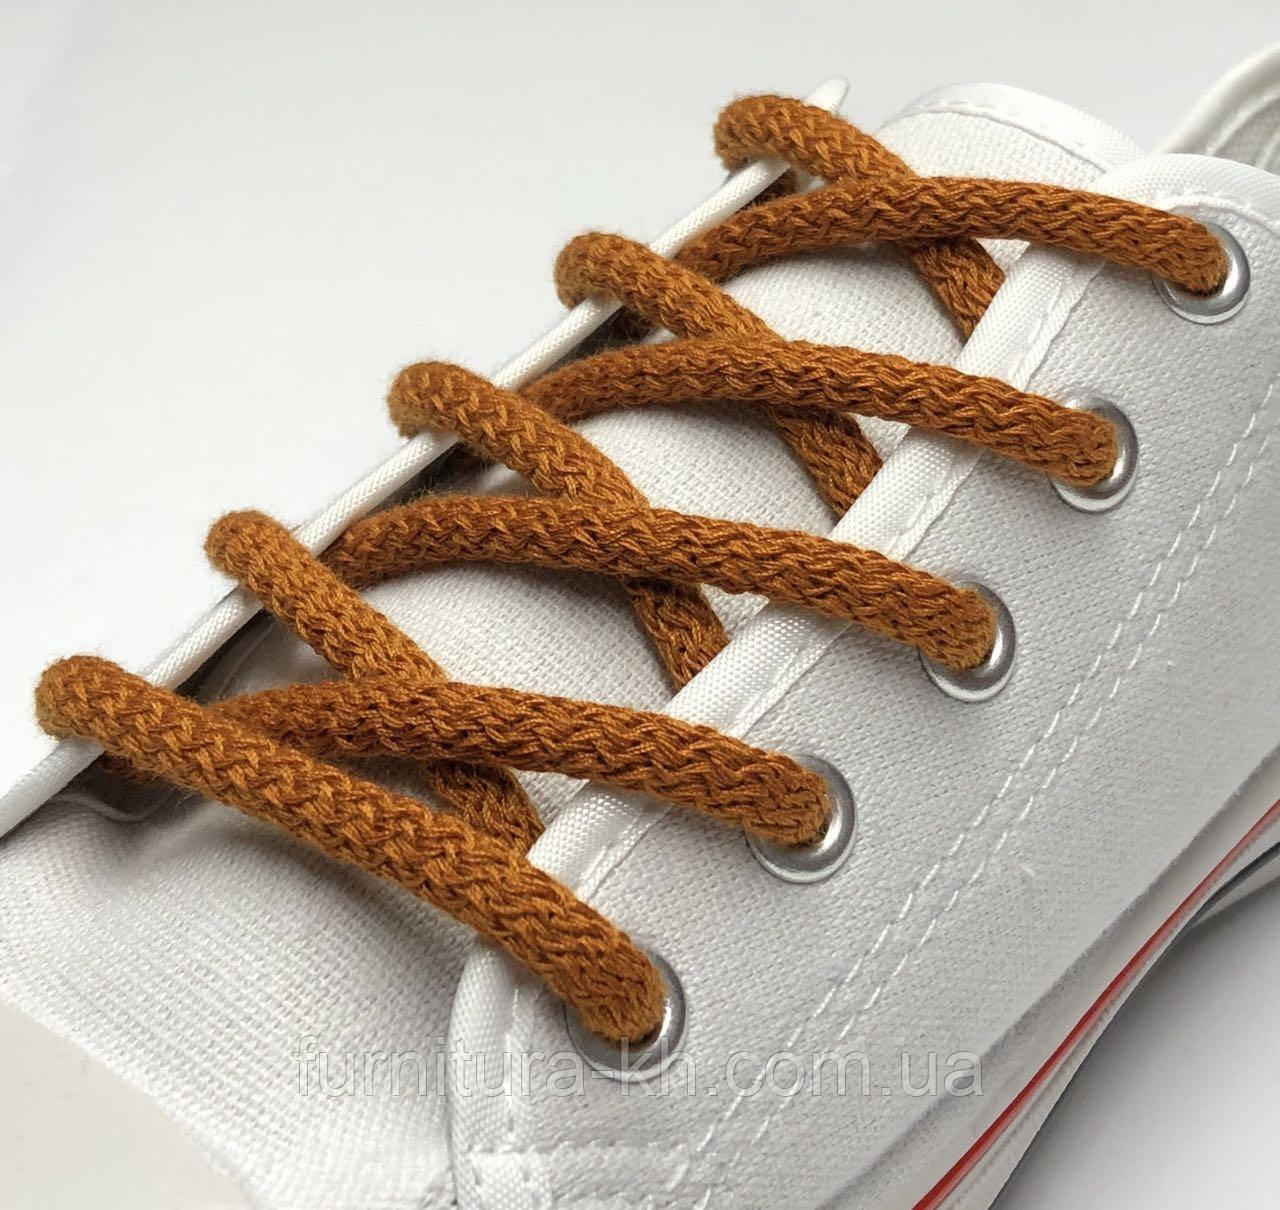 Шнурок Простой Круглый.Длинна 1,2 метр цвет Рыжий (толщина 5 мм)